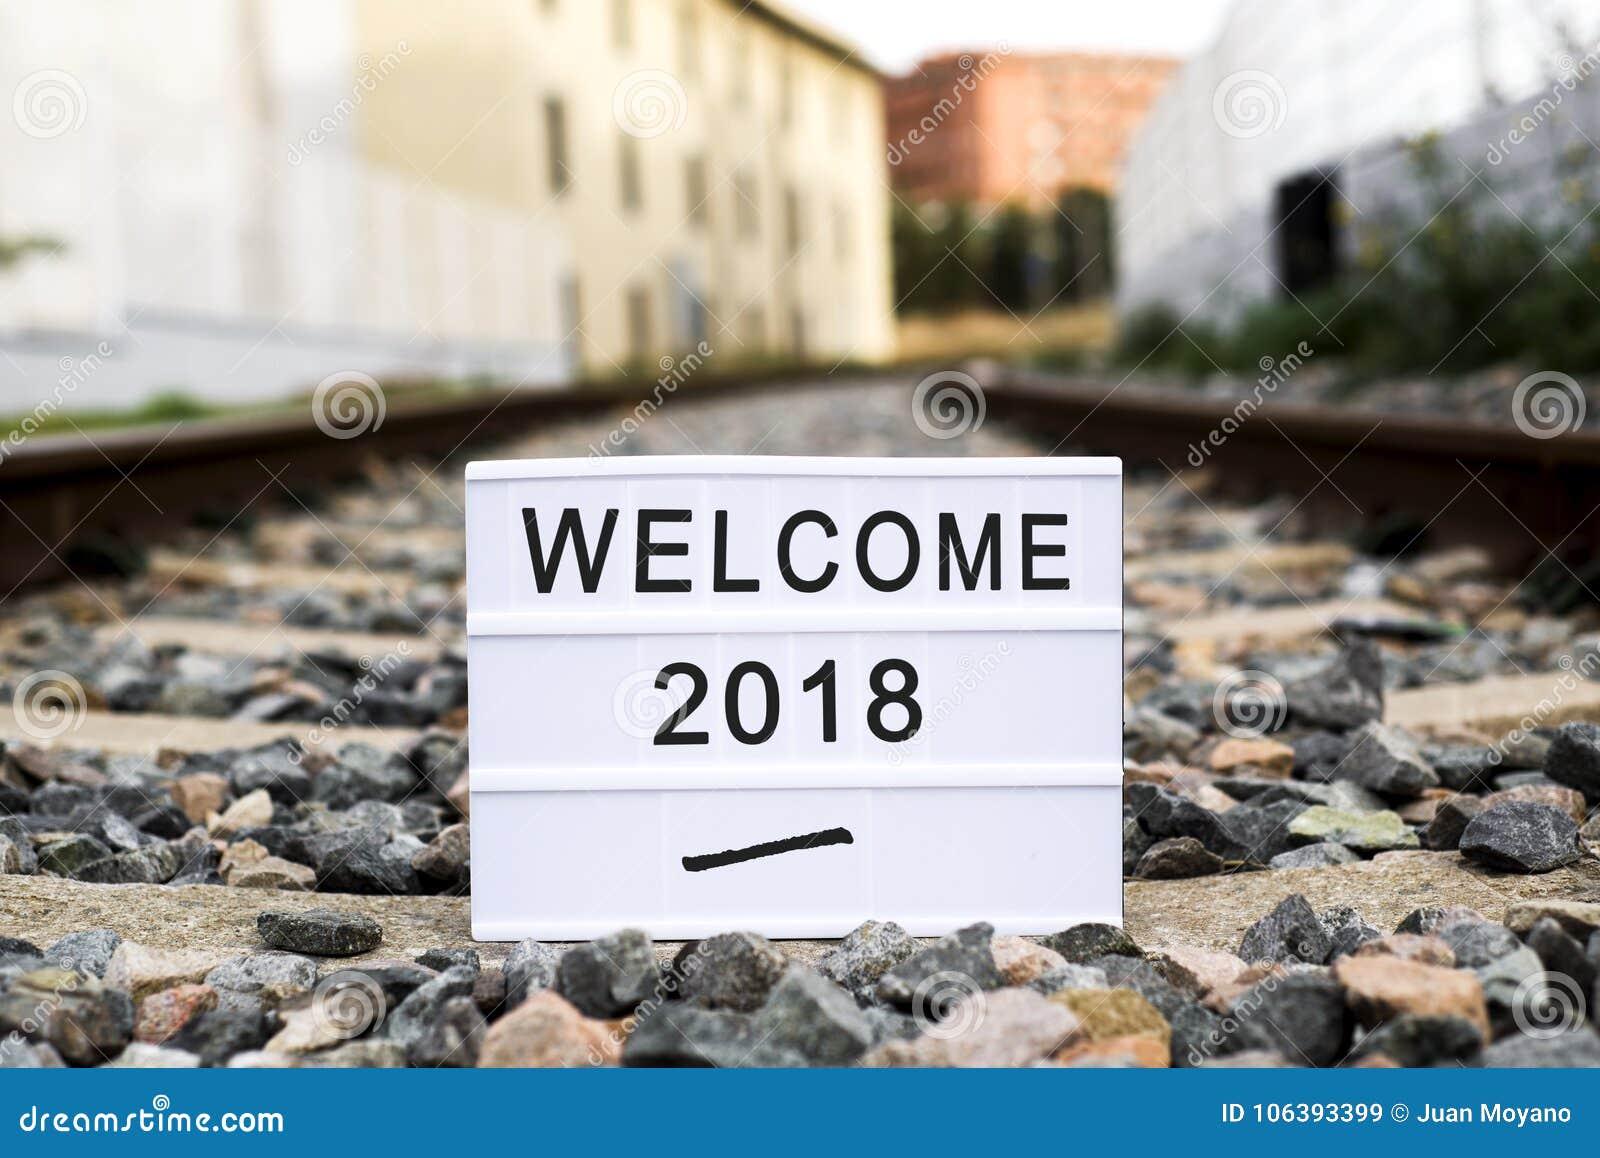 Mande un SMS a la recepción 2018 en un lightbox en el ferrocarril